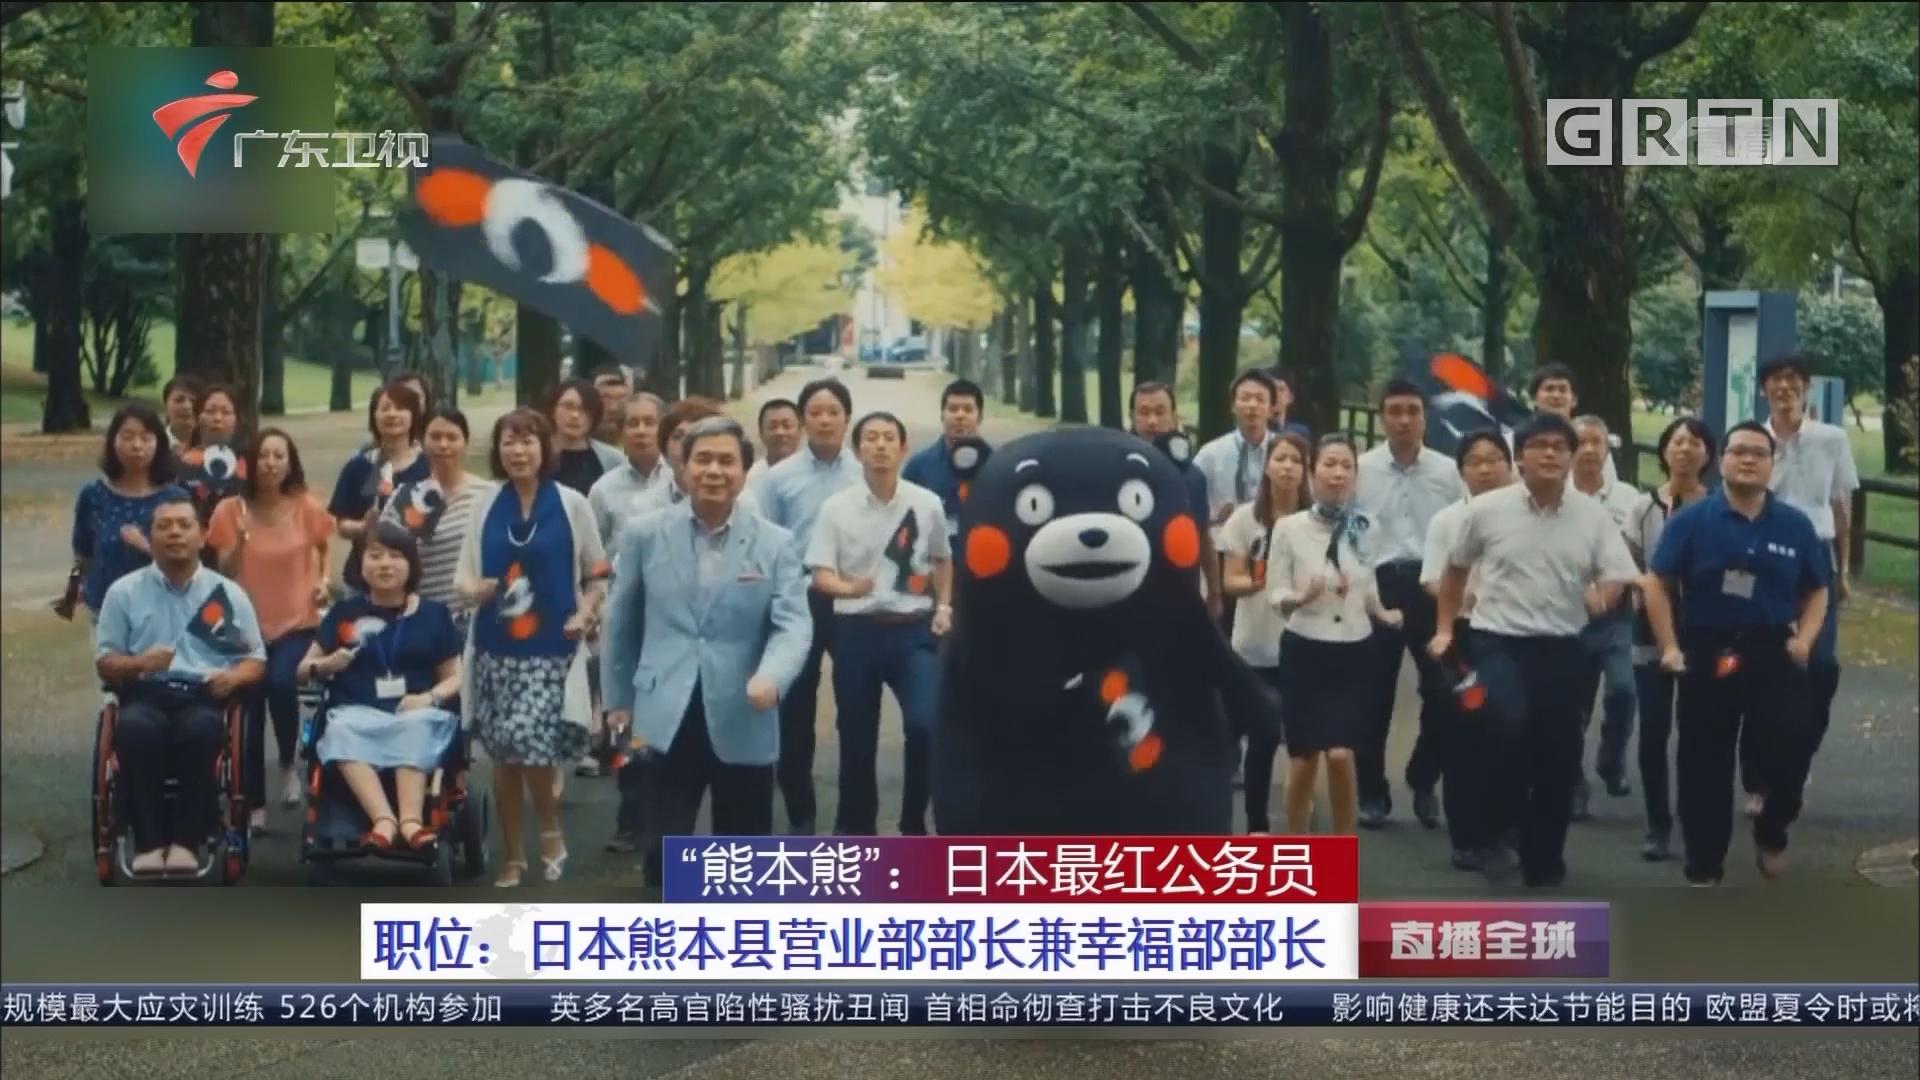 """""""熊本熊"""":日本最红公务员 职位:日本熊本县营业部部长兼幸福部部长"""